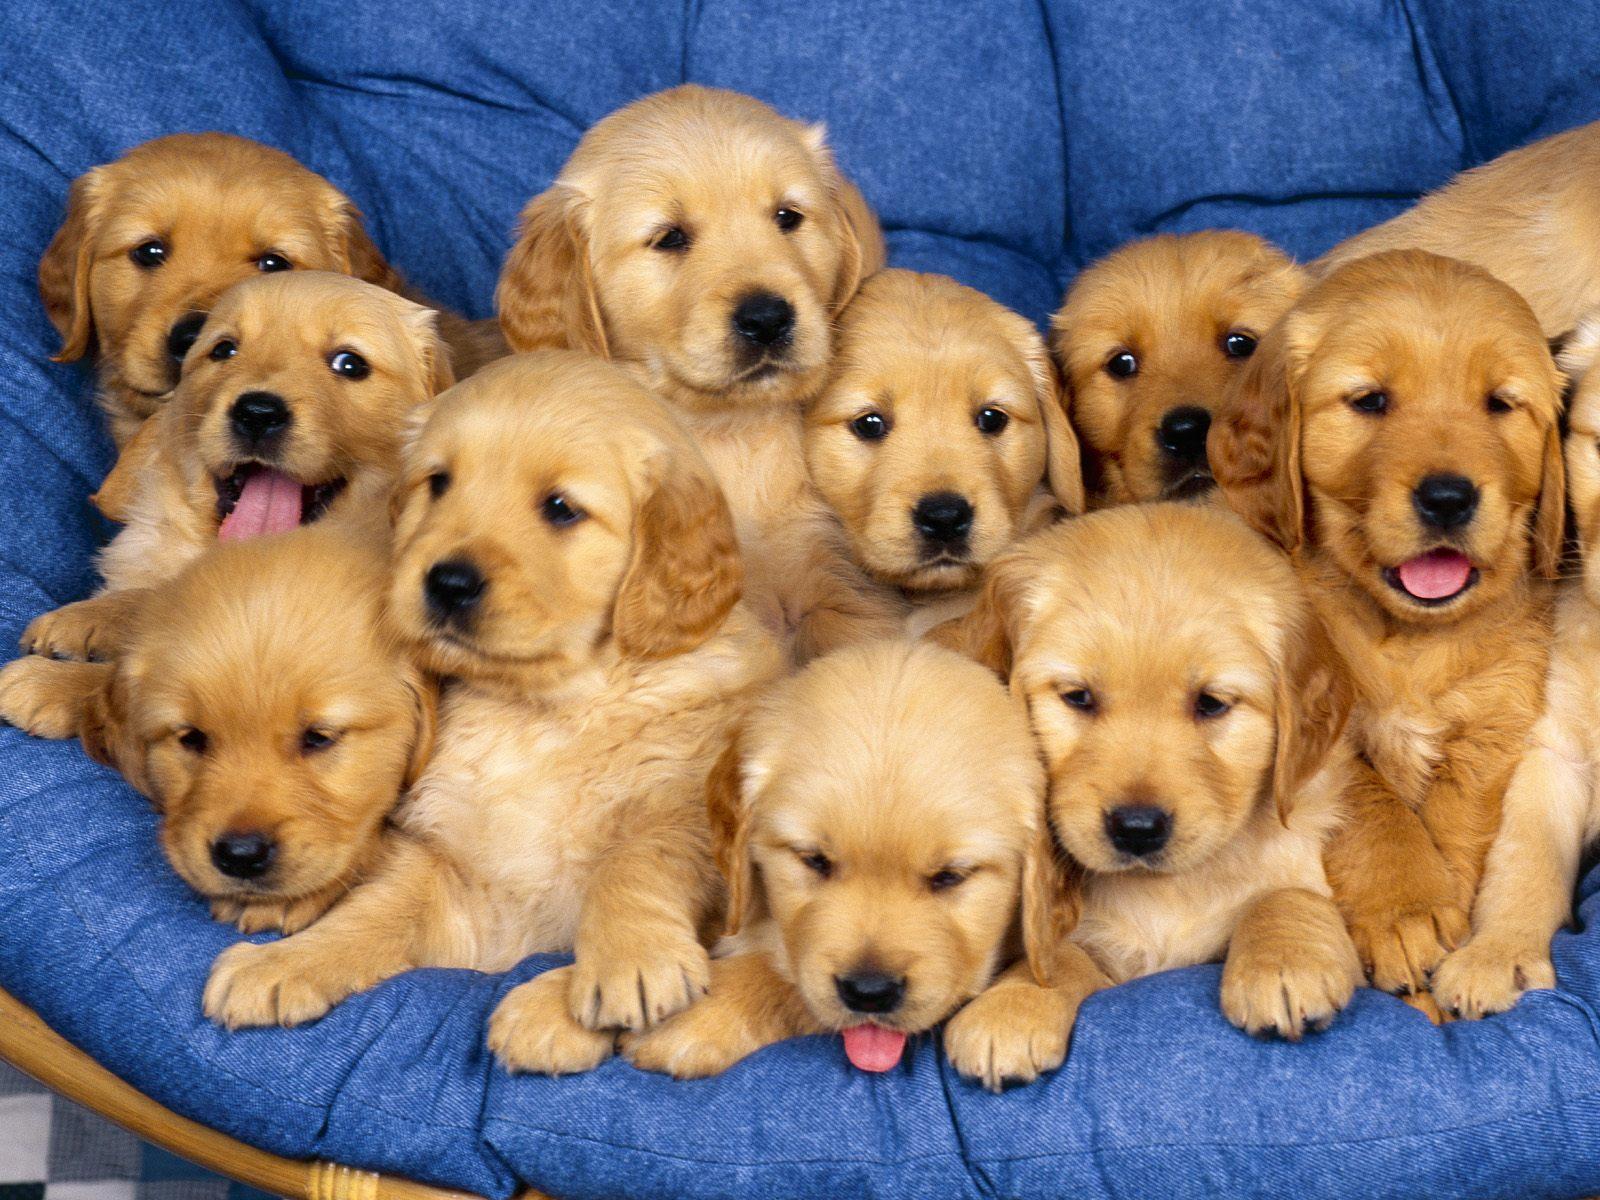 http://4.bp.blogspot.com/-1e6Rv6ErFRA/UFBySnnjtKI/AAAAAAAACu4/RDxDjVqC9gw/s1600/wallpaper_de_filhotes_de_cachorros-31883.jpg